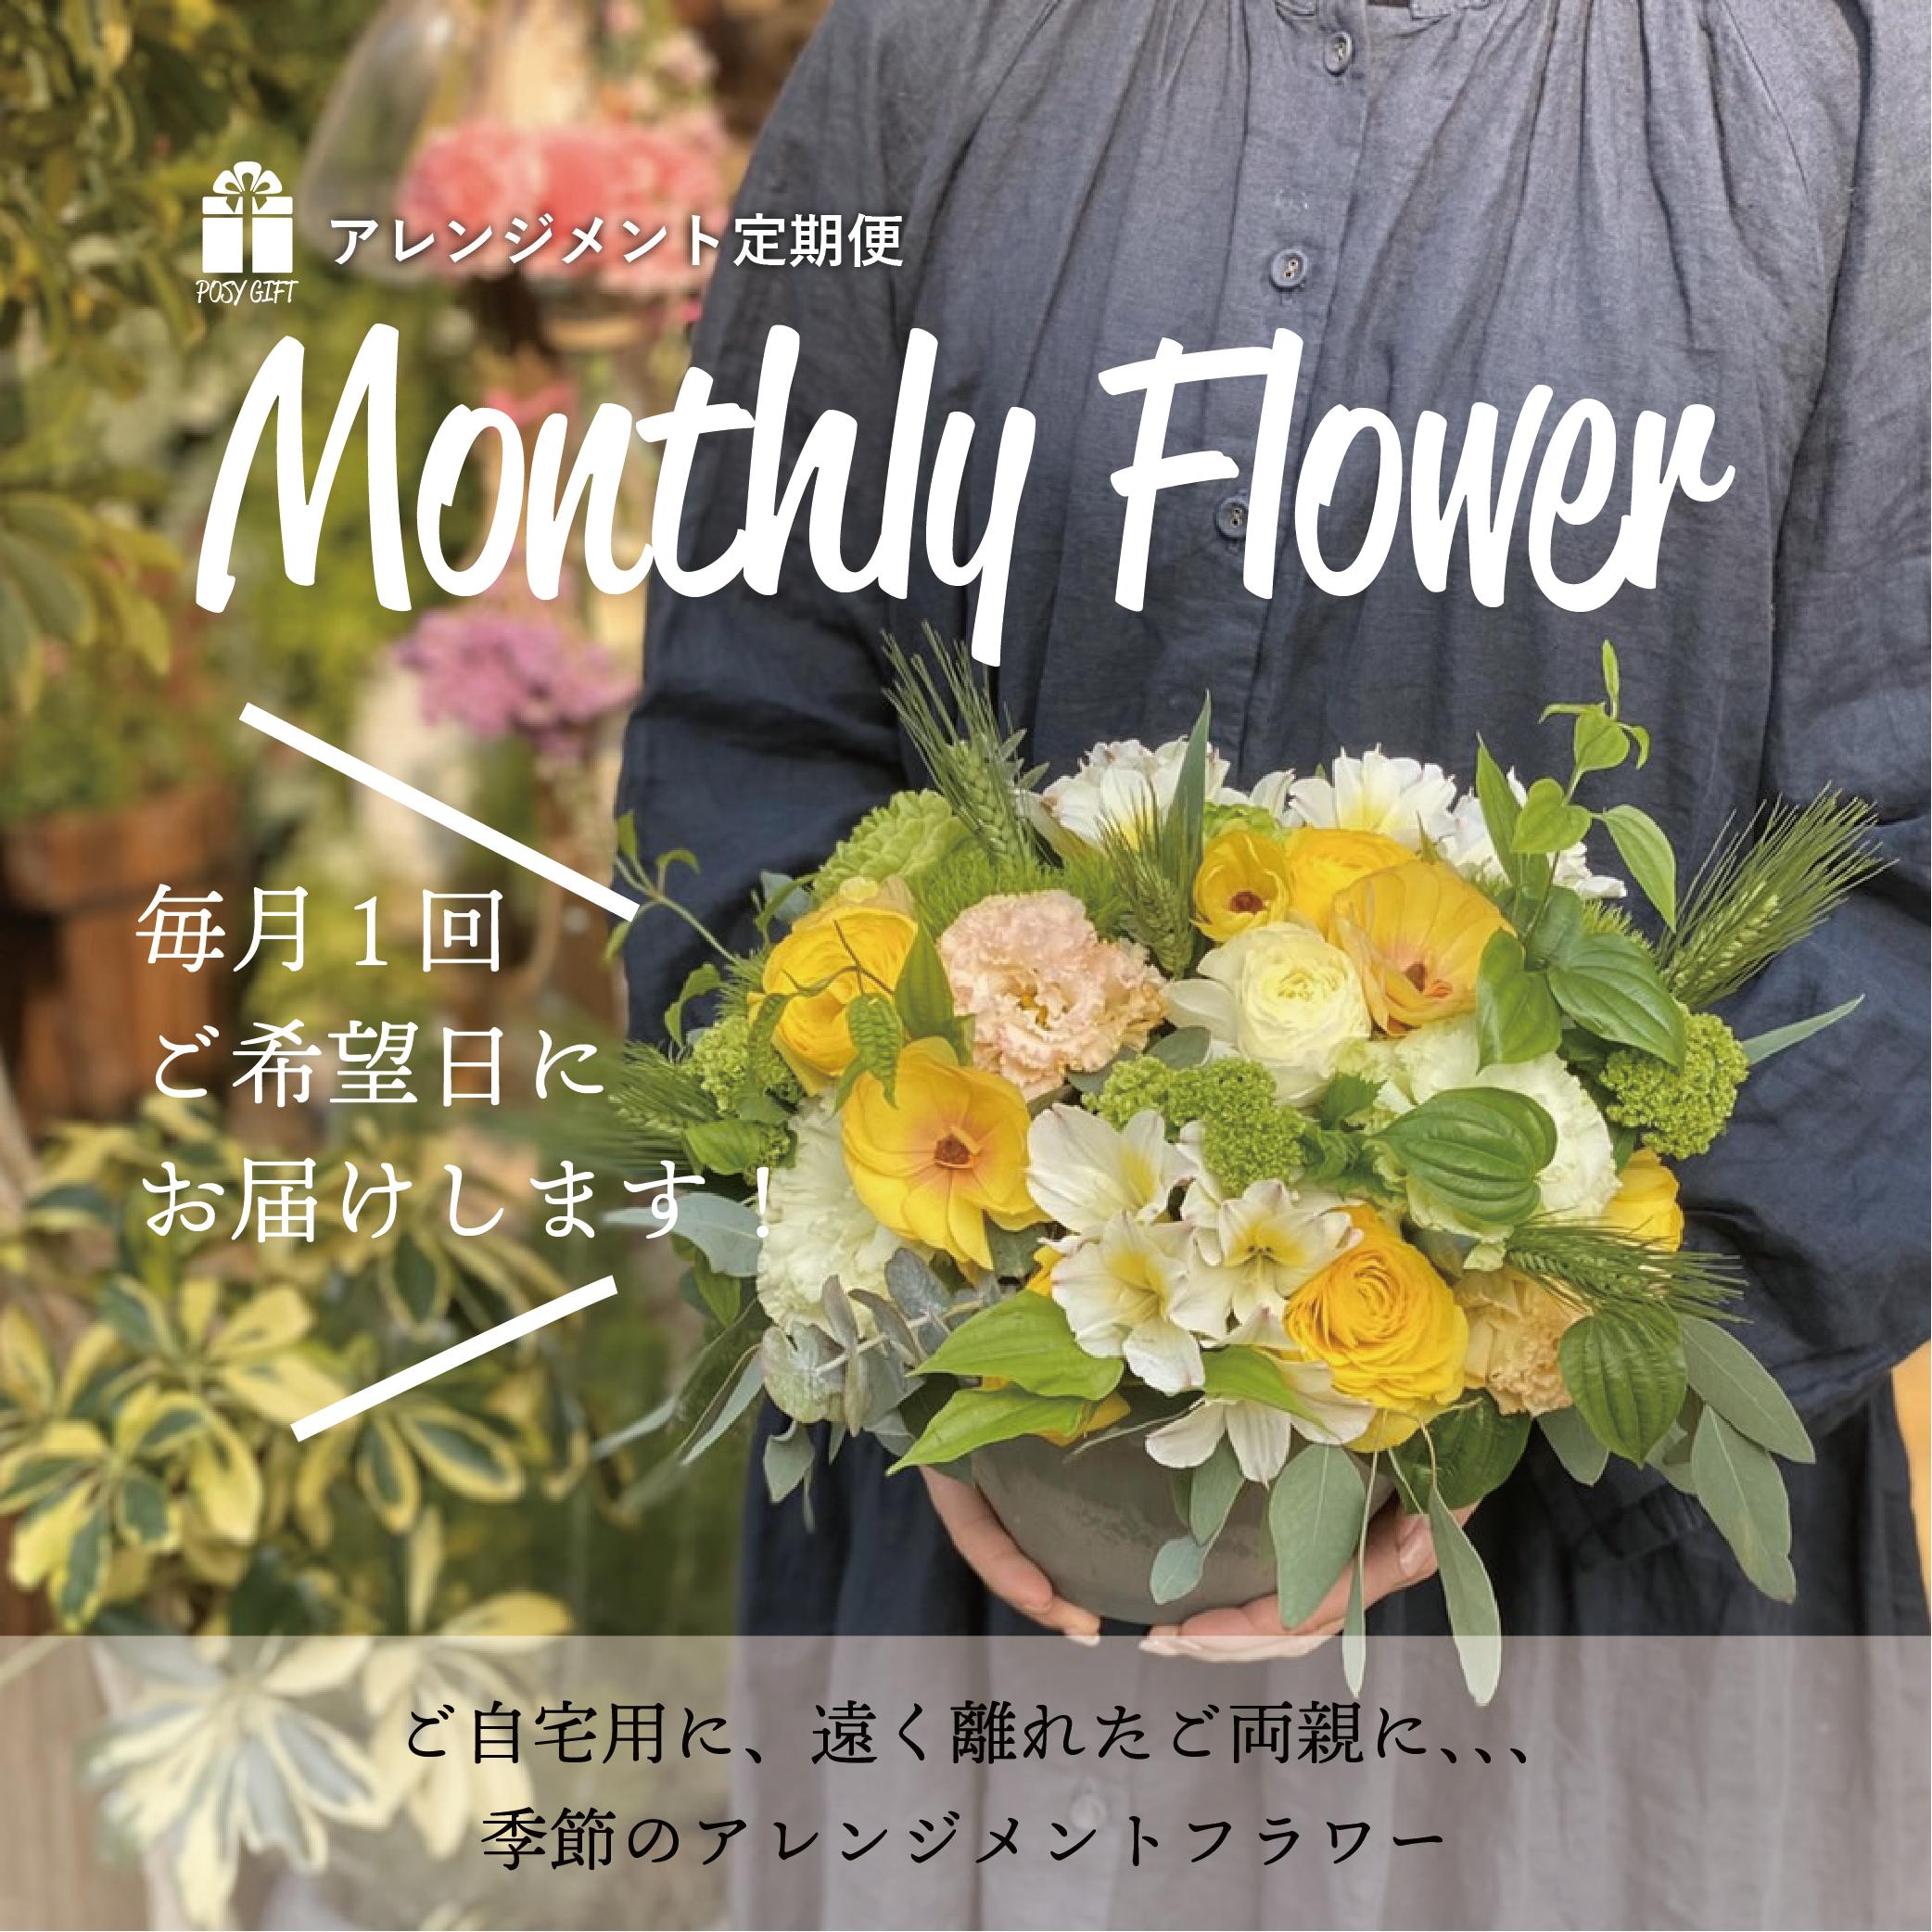 【定期便】季節のアレンジメント月1回コース